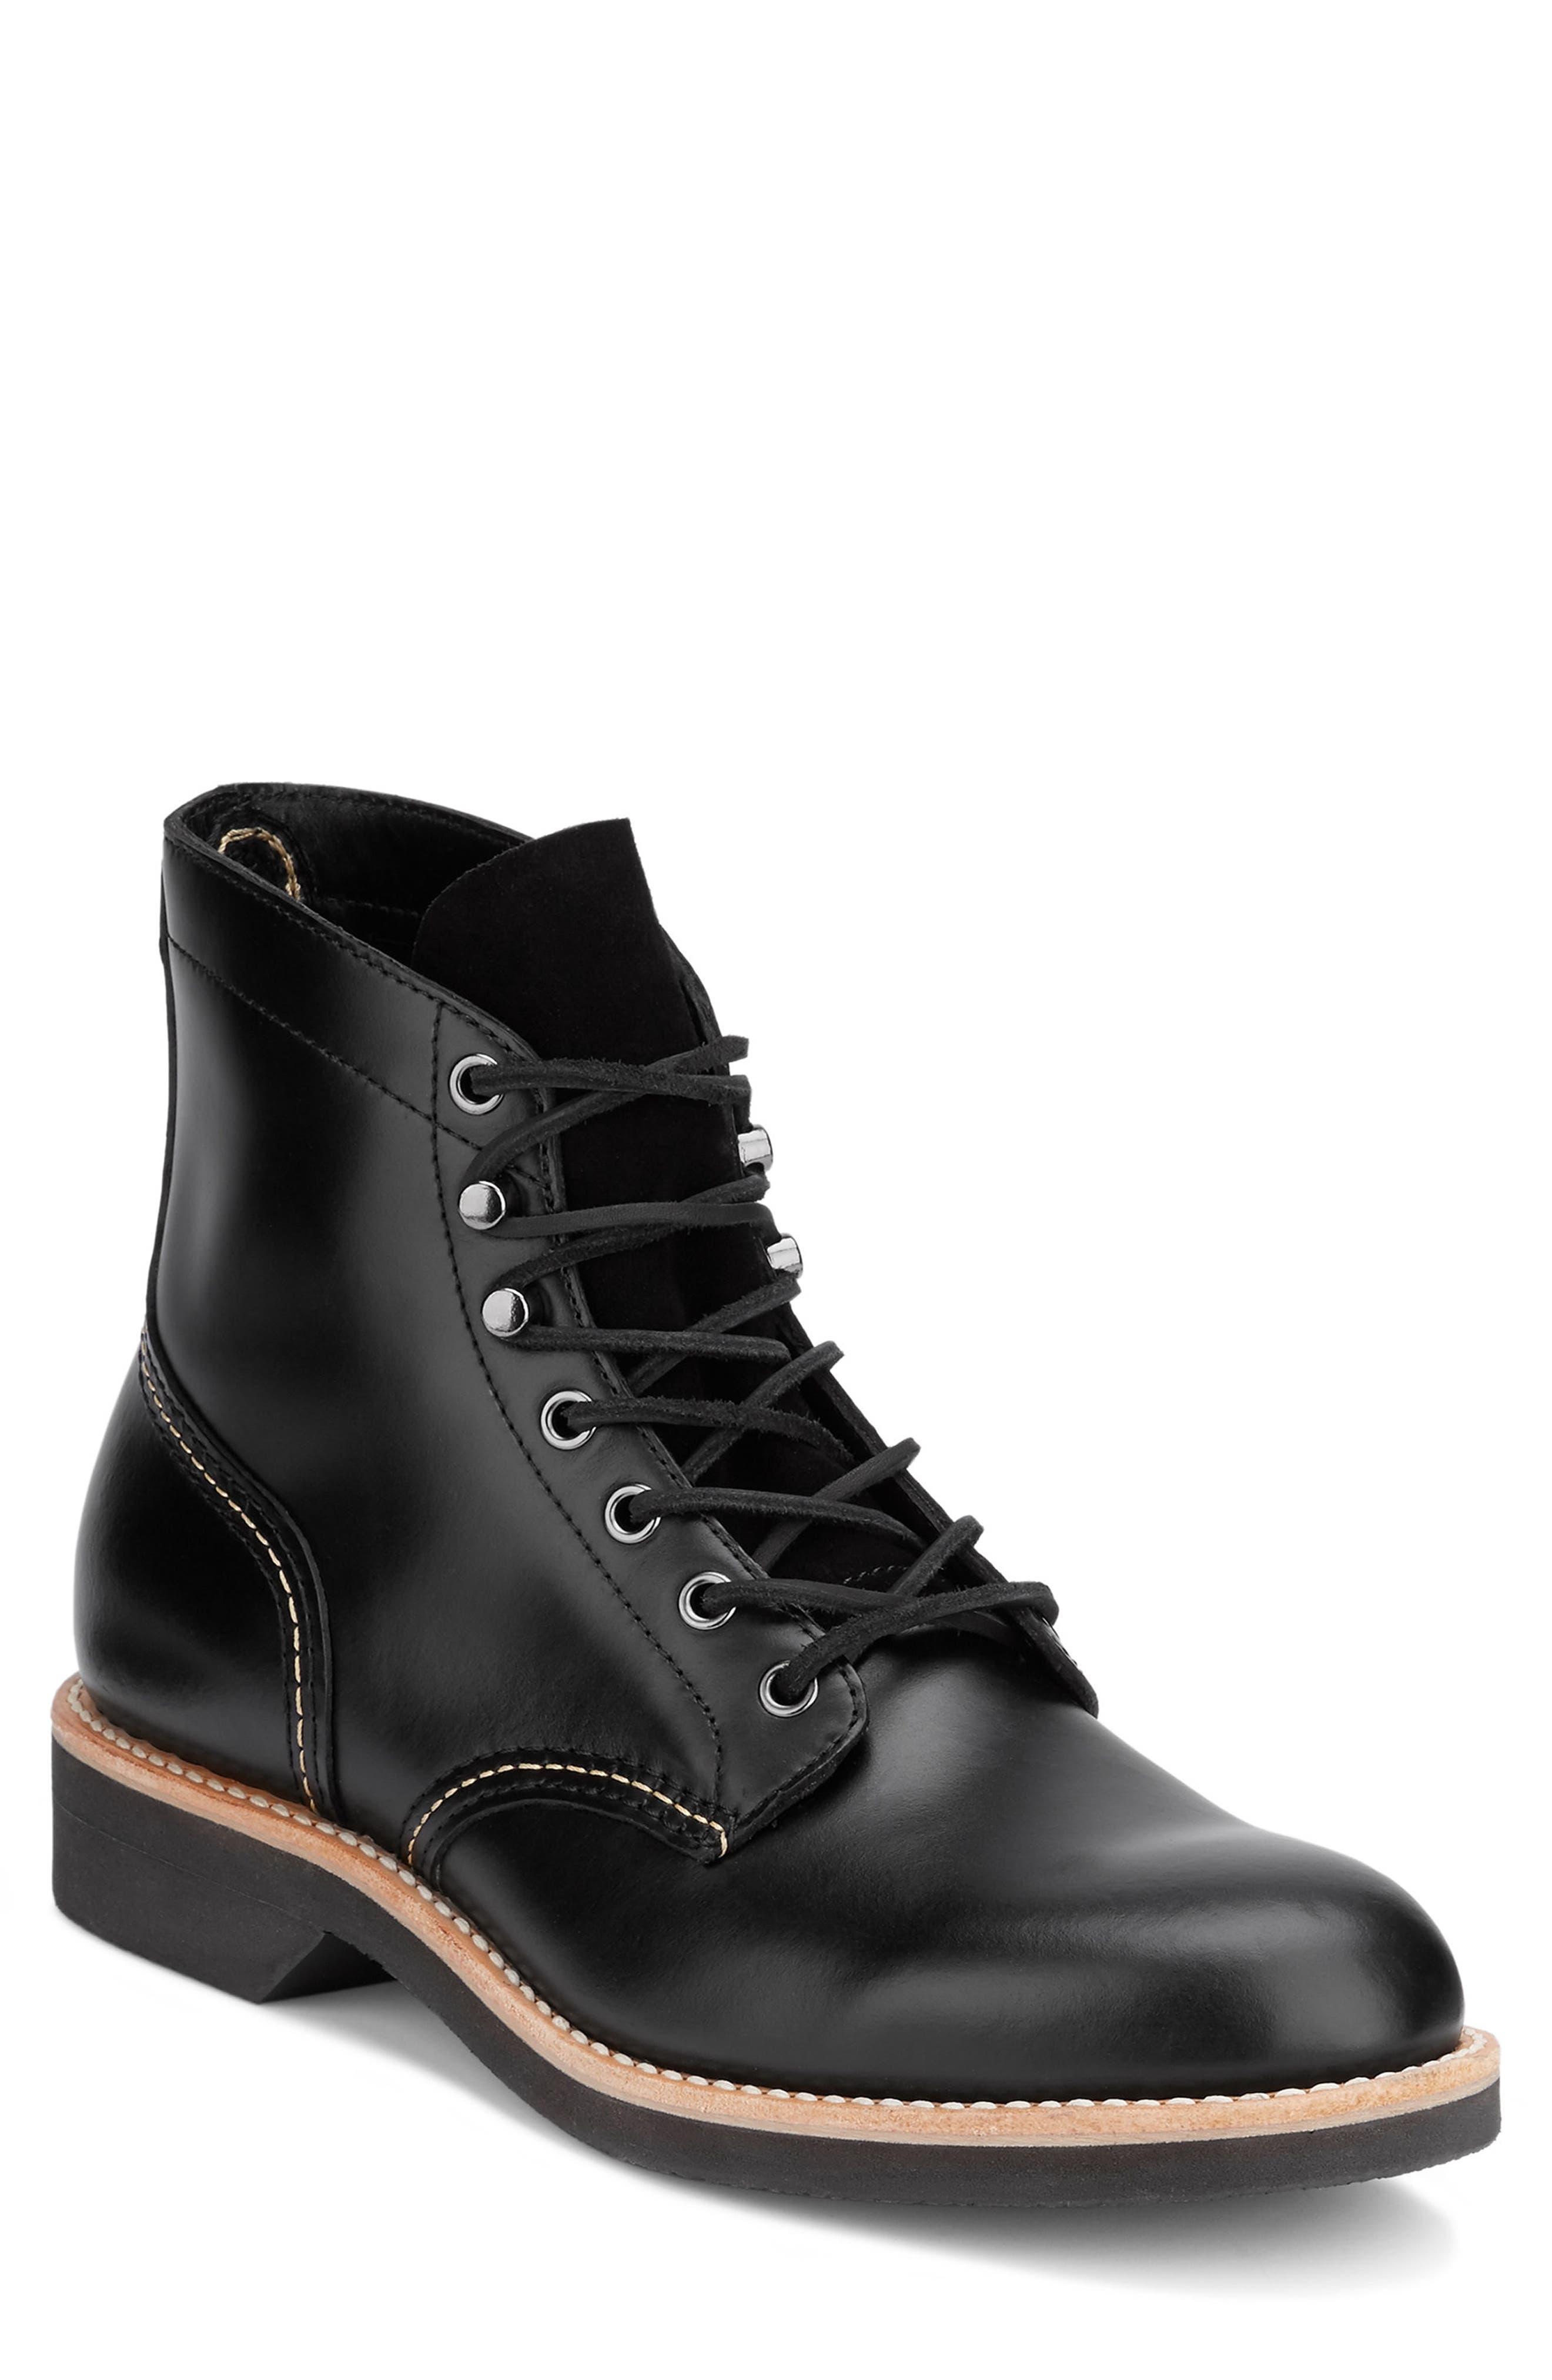 Reid Plain Toe Boot,                             Main thumbnail 1, color,                             Black